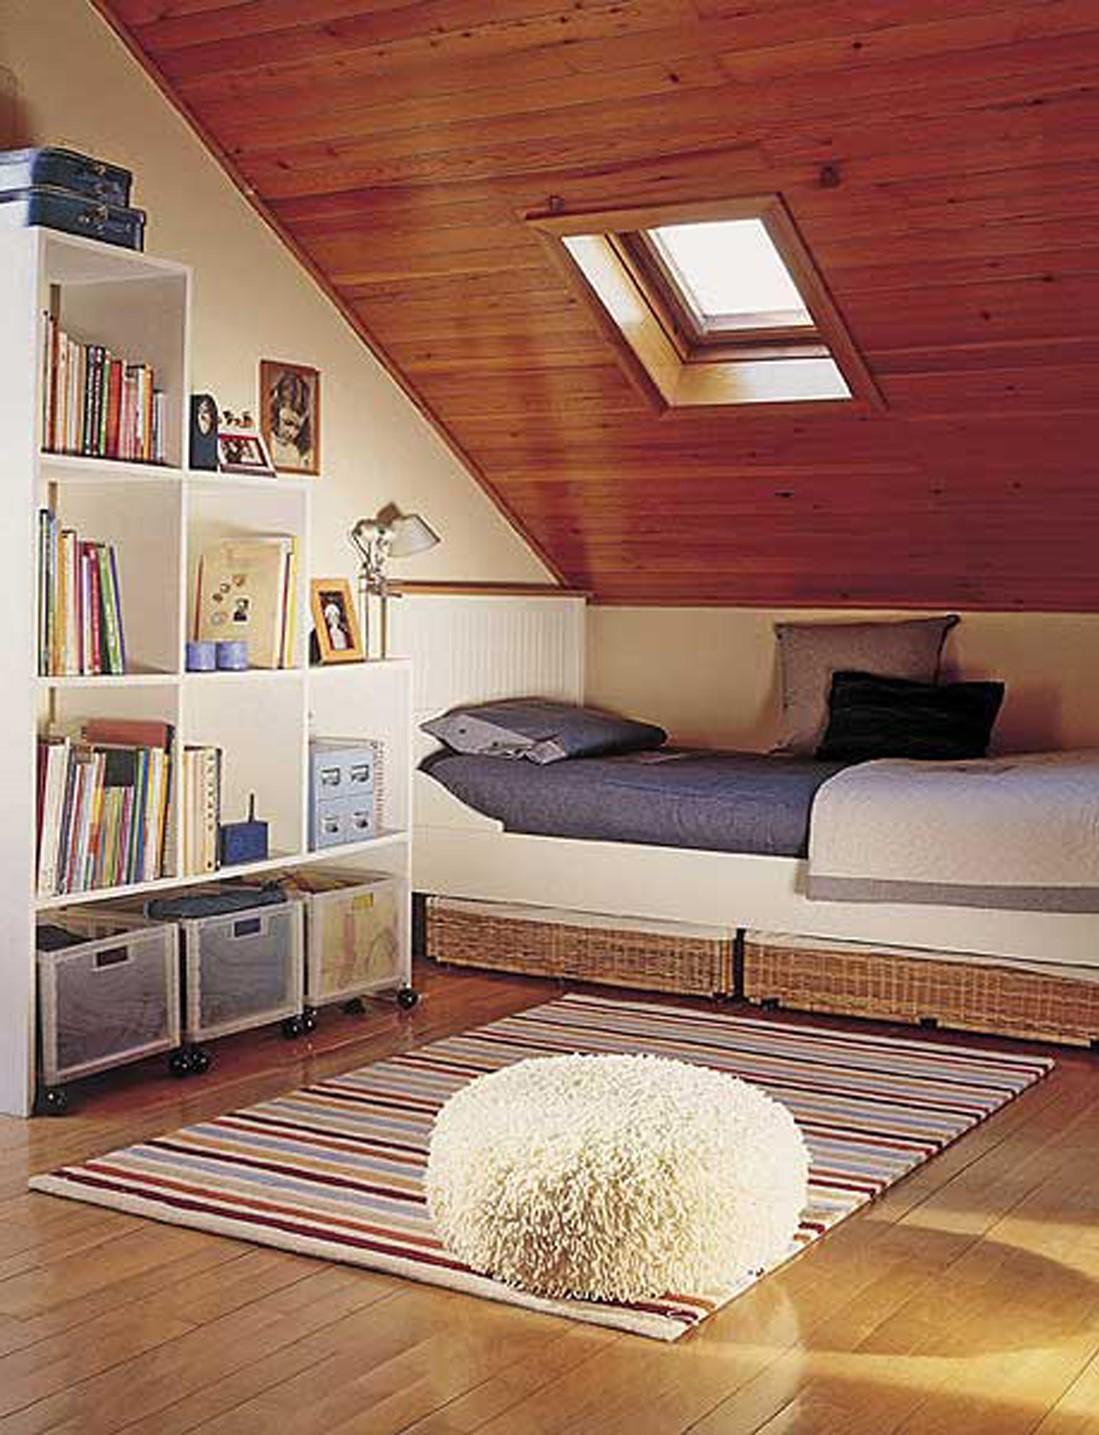 Une chambre mansardée insolite peut être transformée en quelque chose de vraiment exceptionnel avec juste un peu de texture.